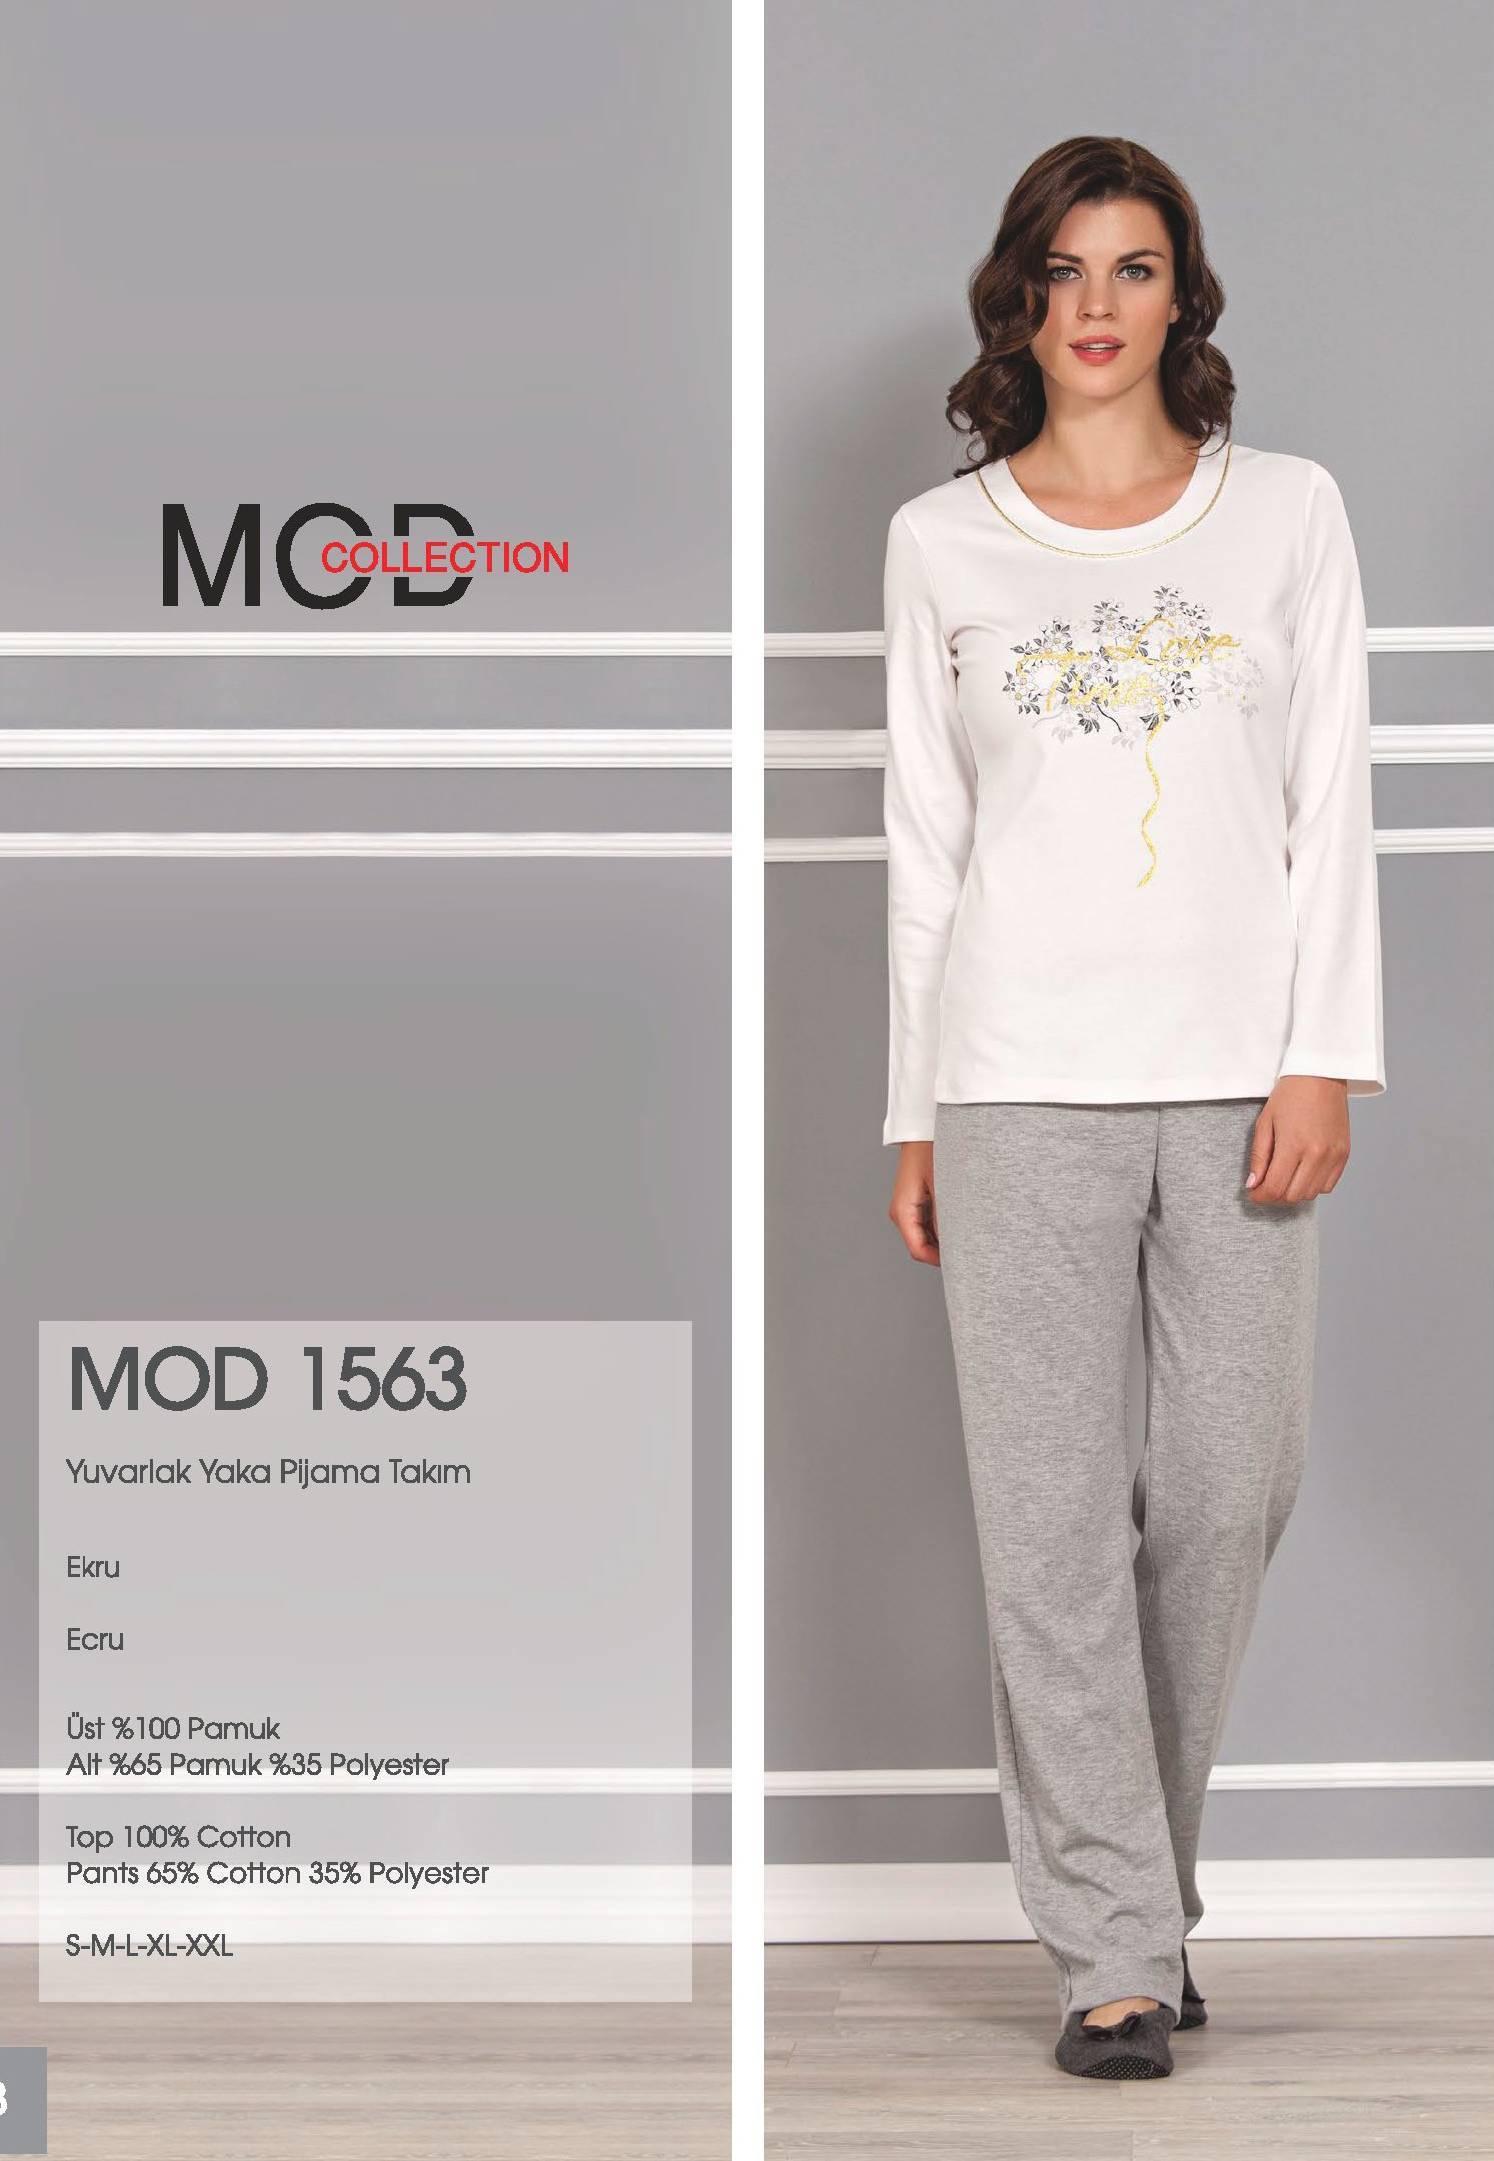 Mod Collection Bayan Yuvarlak Yaka Pijama Takım 1563